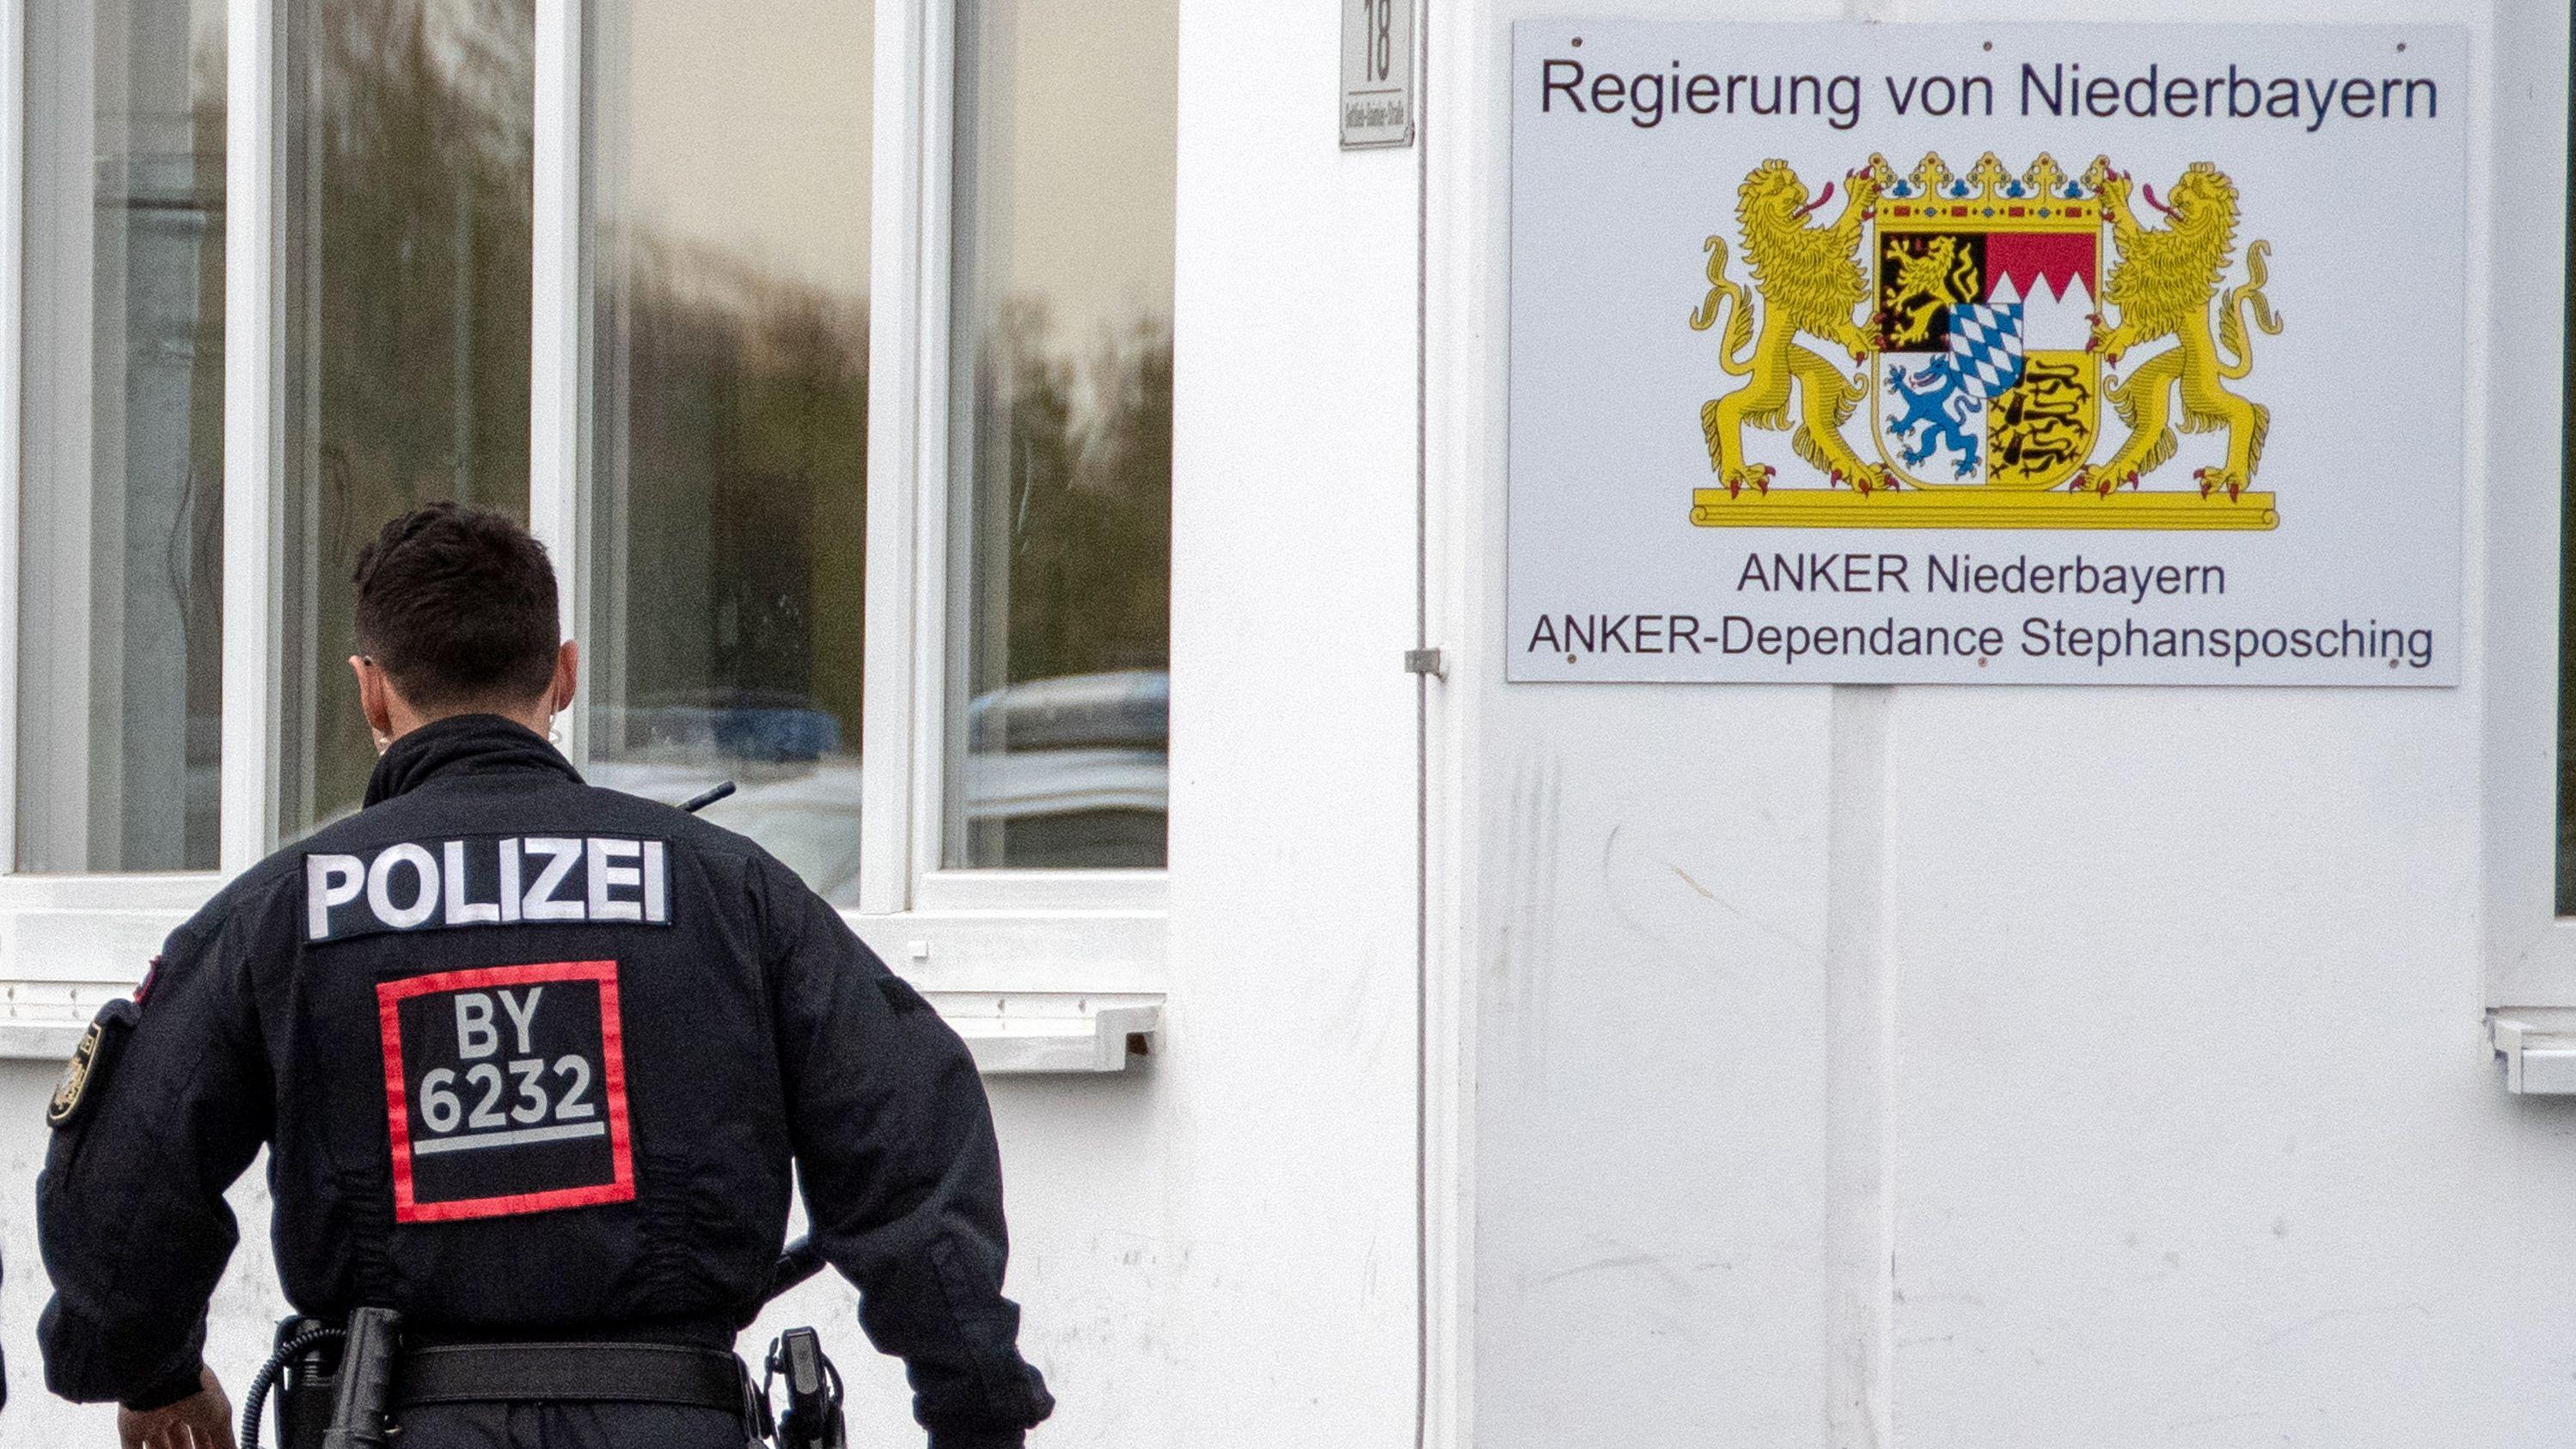 Archiv: Ein Polizist im Ankerzentrum Stephansposching.